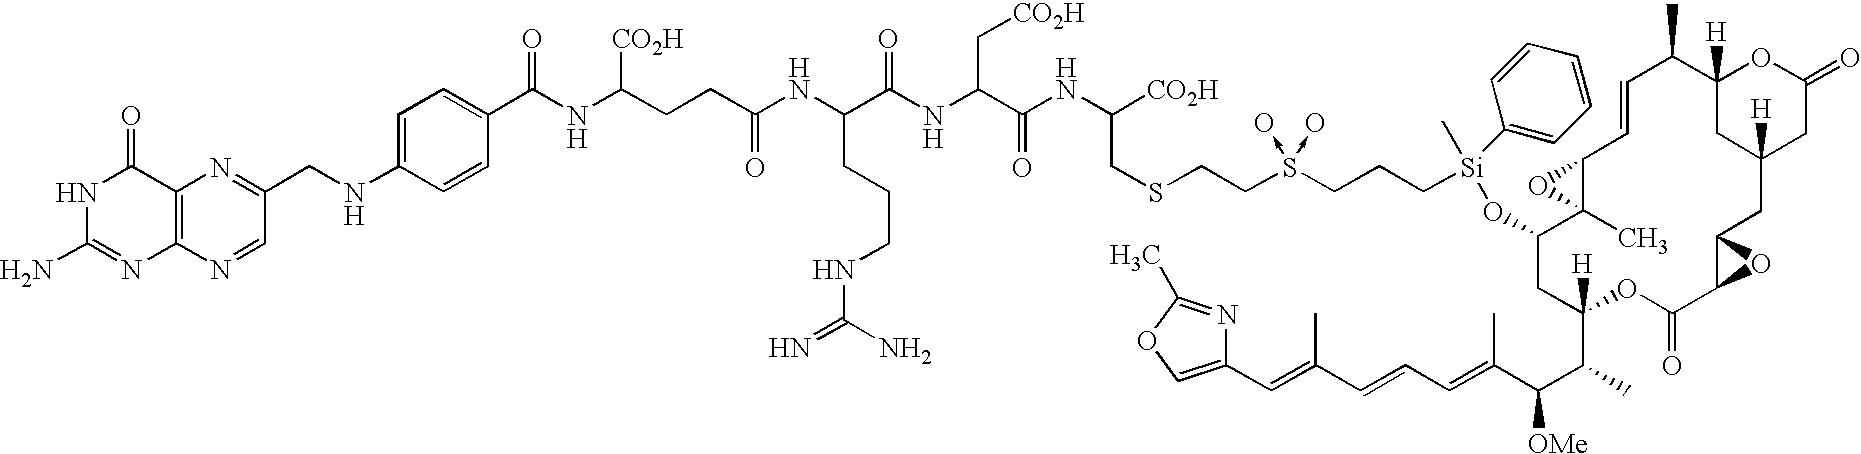 Figure US20100004276A1-20100107-C00144